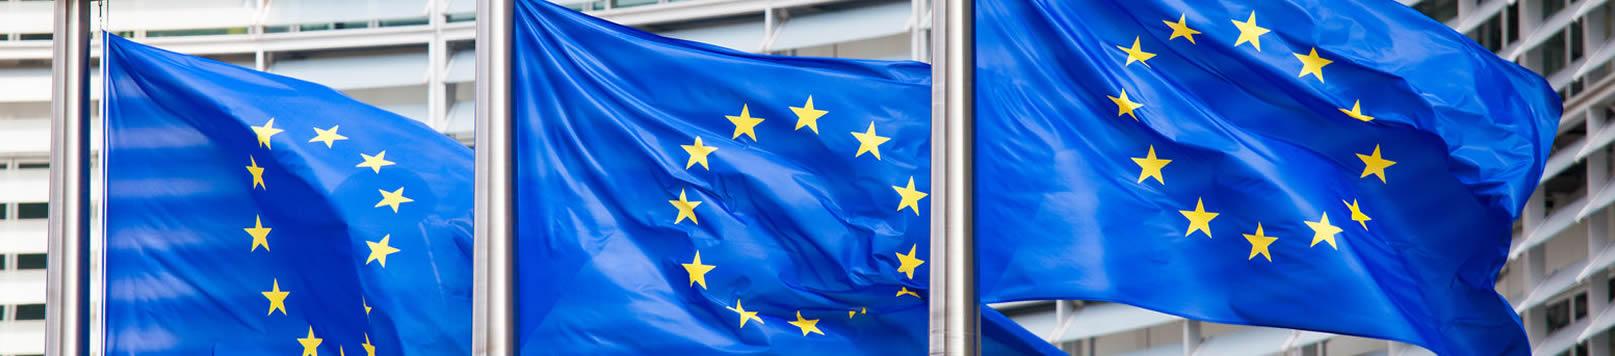 Ricerche nella Comunità Europeaa per Brevetti Modelli e Marchi Siena